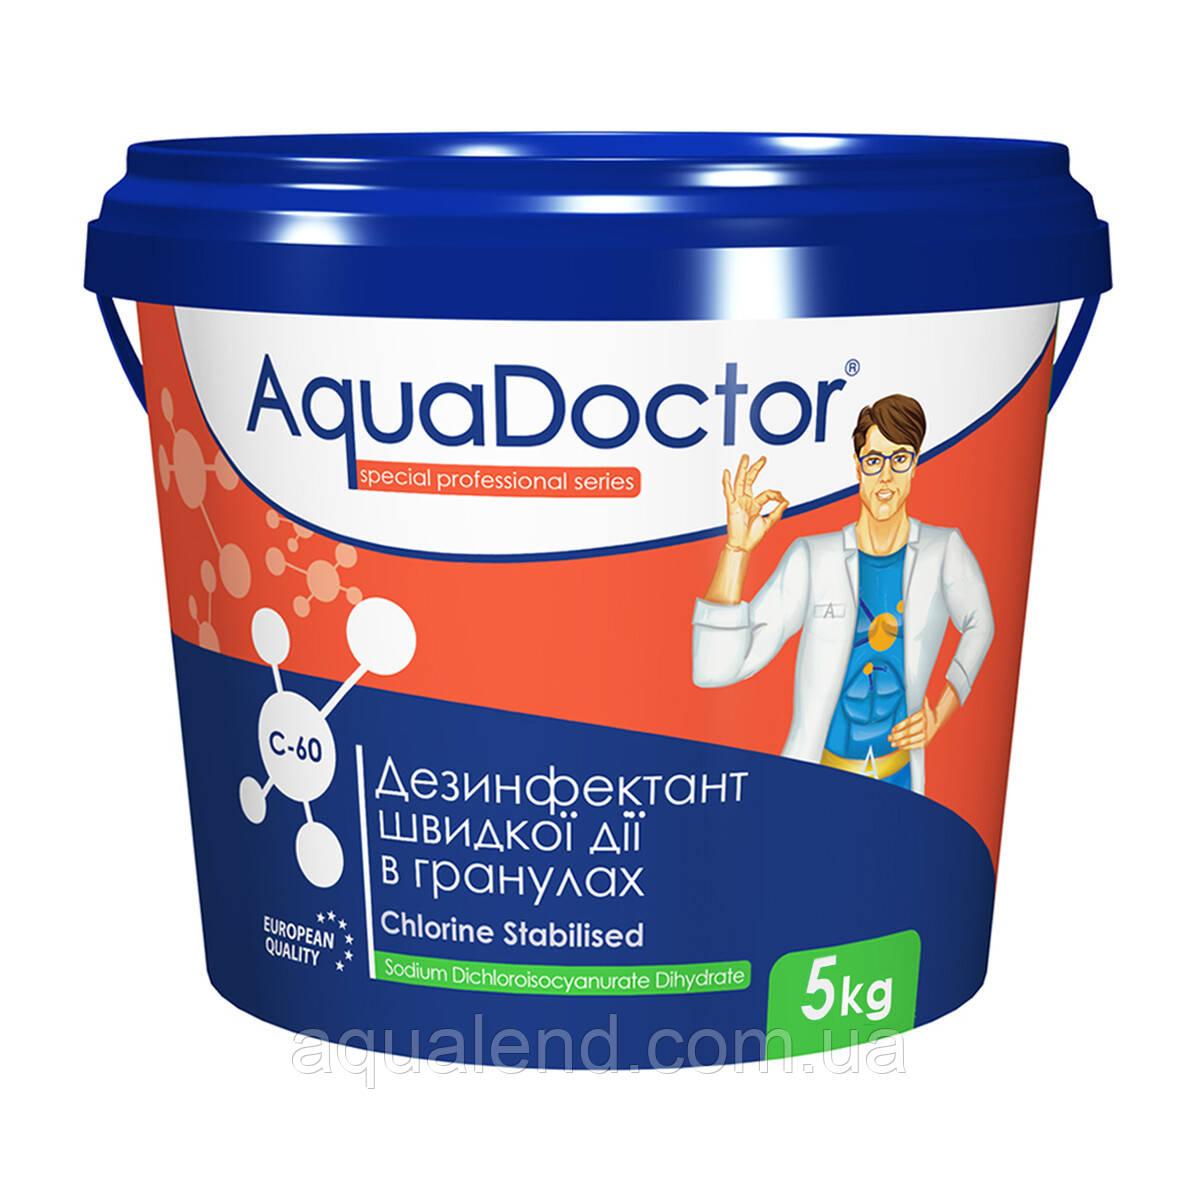 Швидкорозчинний шок хлор для басейну C-60, 5кг, в гранулах, AquaDoctor